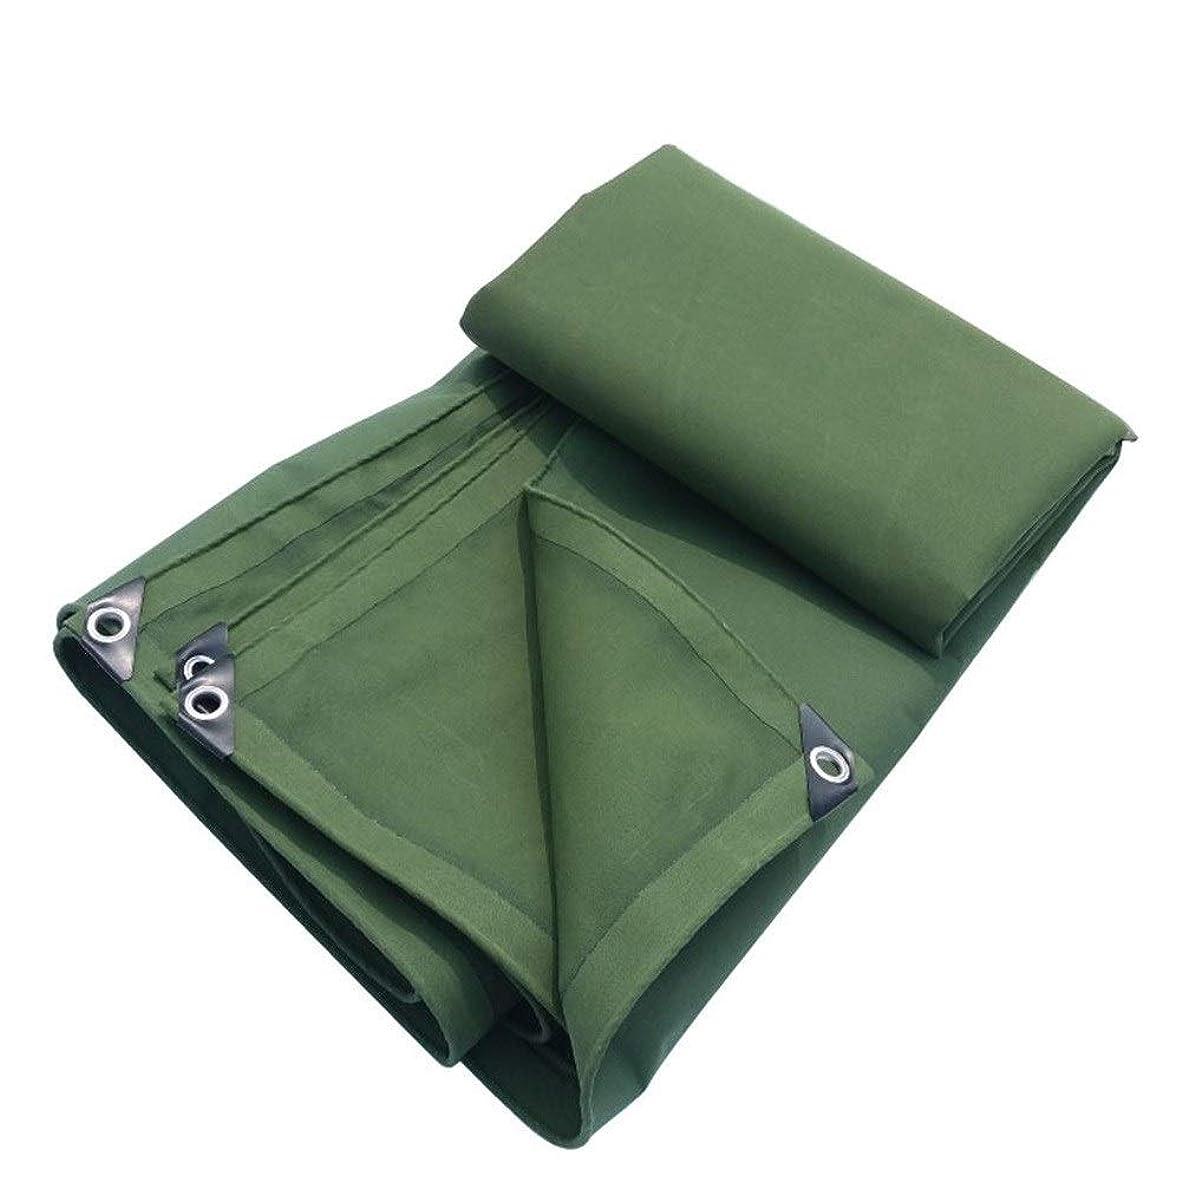 再びハブブ切り下げFQJYNLY ターポリンターププラス厚防風日焼け止めトラック工場、キャンバス、10サイズ (Color : Green, Size : 1.5X2M)